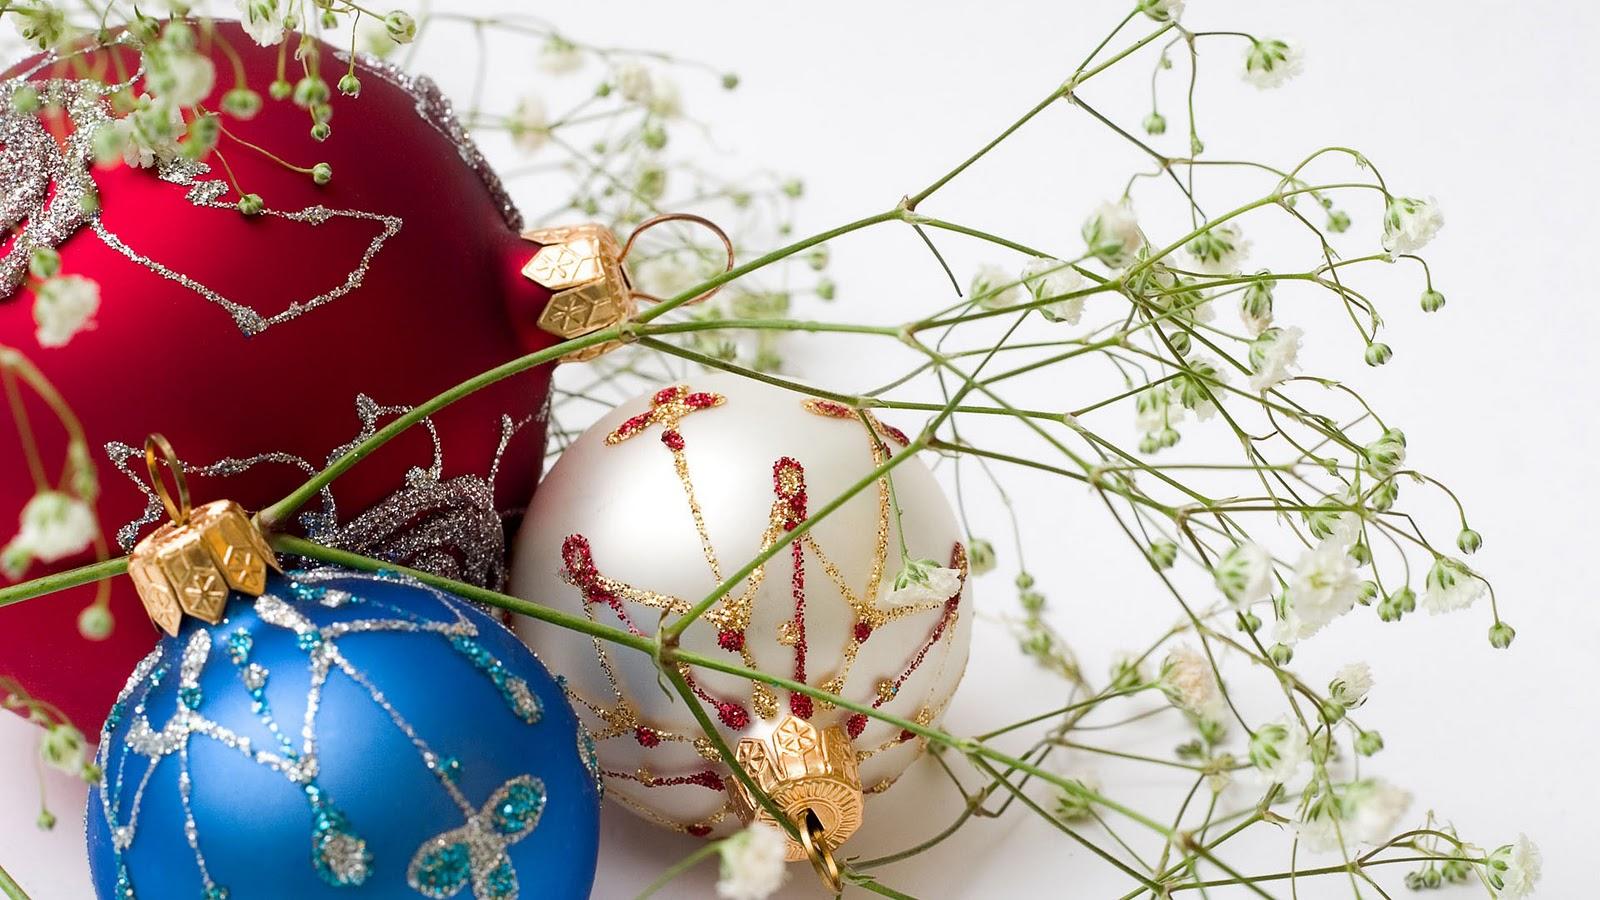 Free Download Kerst Wallpapers Bureaublad Achtergronden Hd